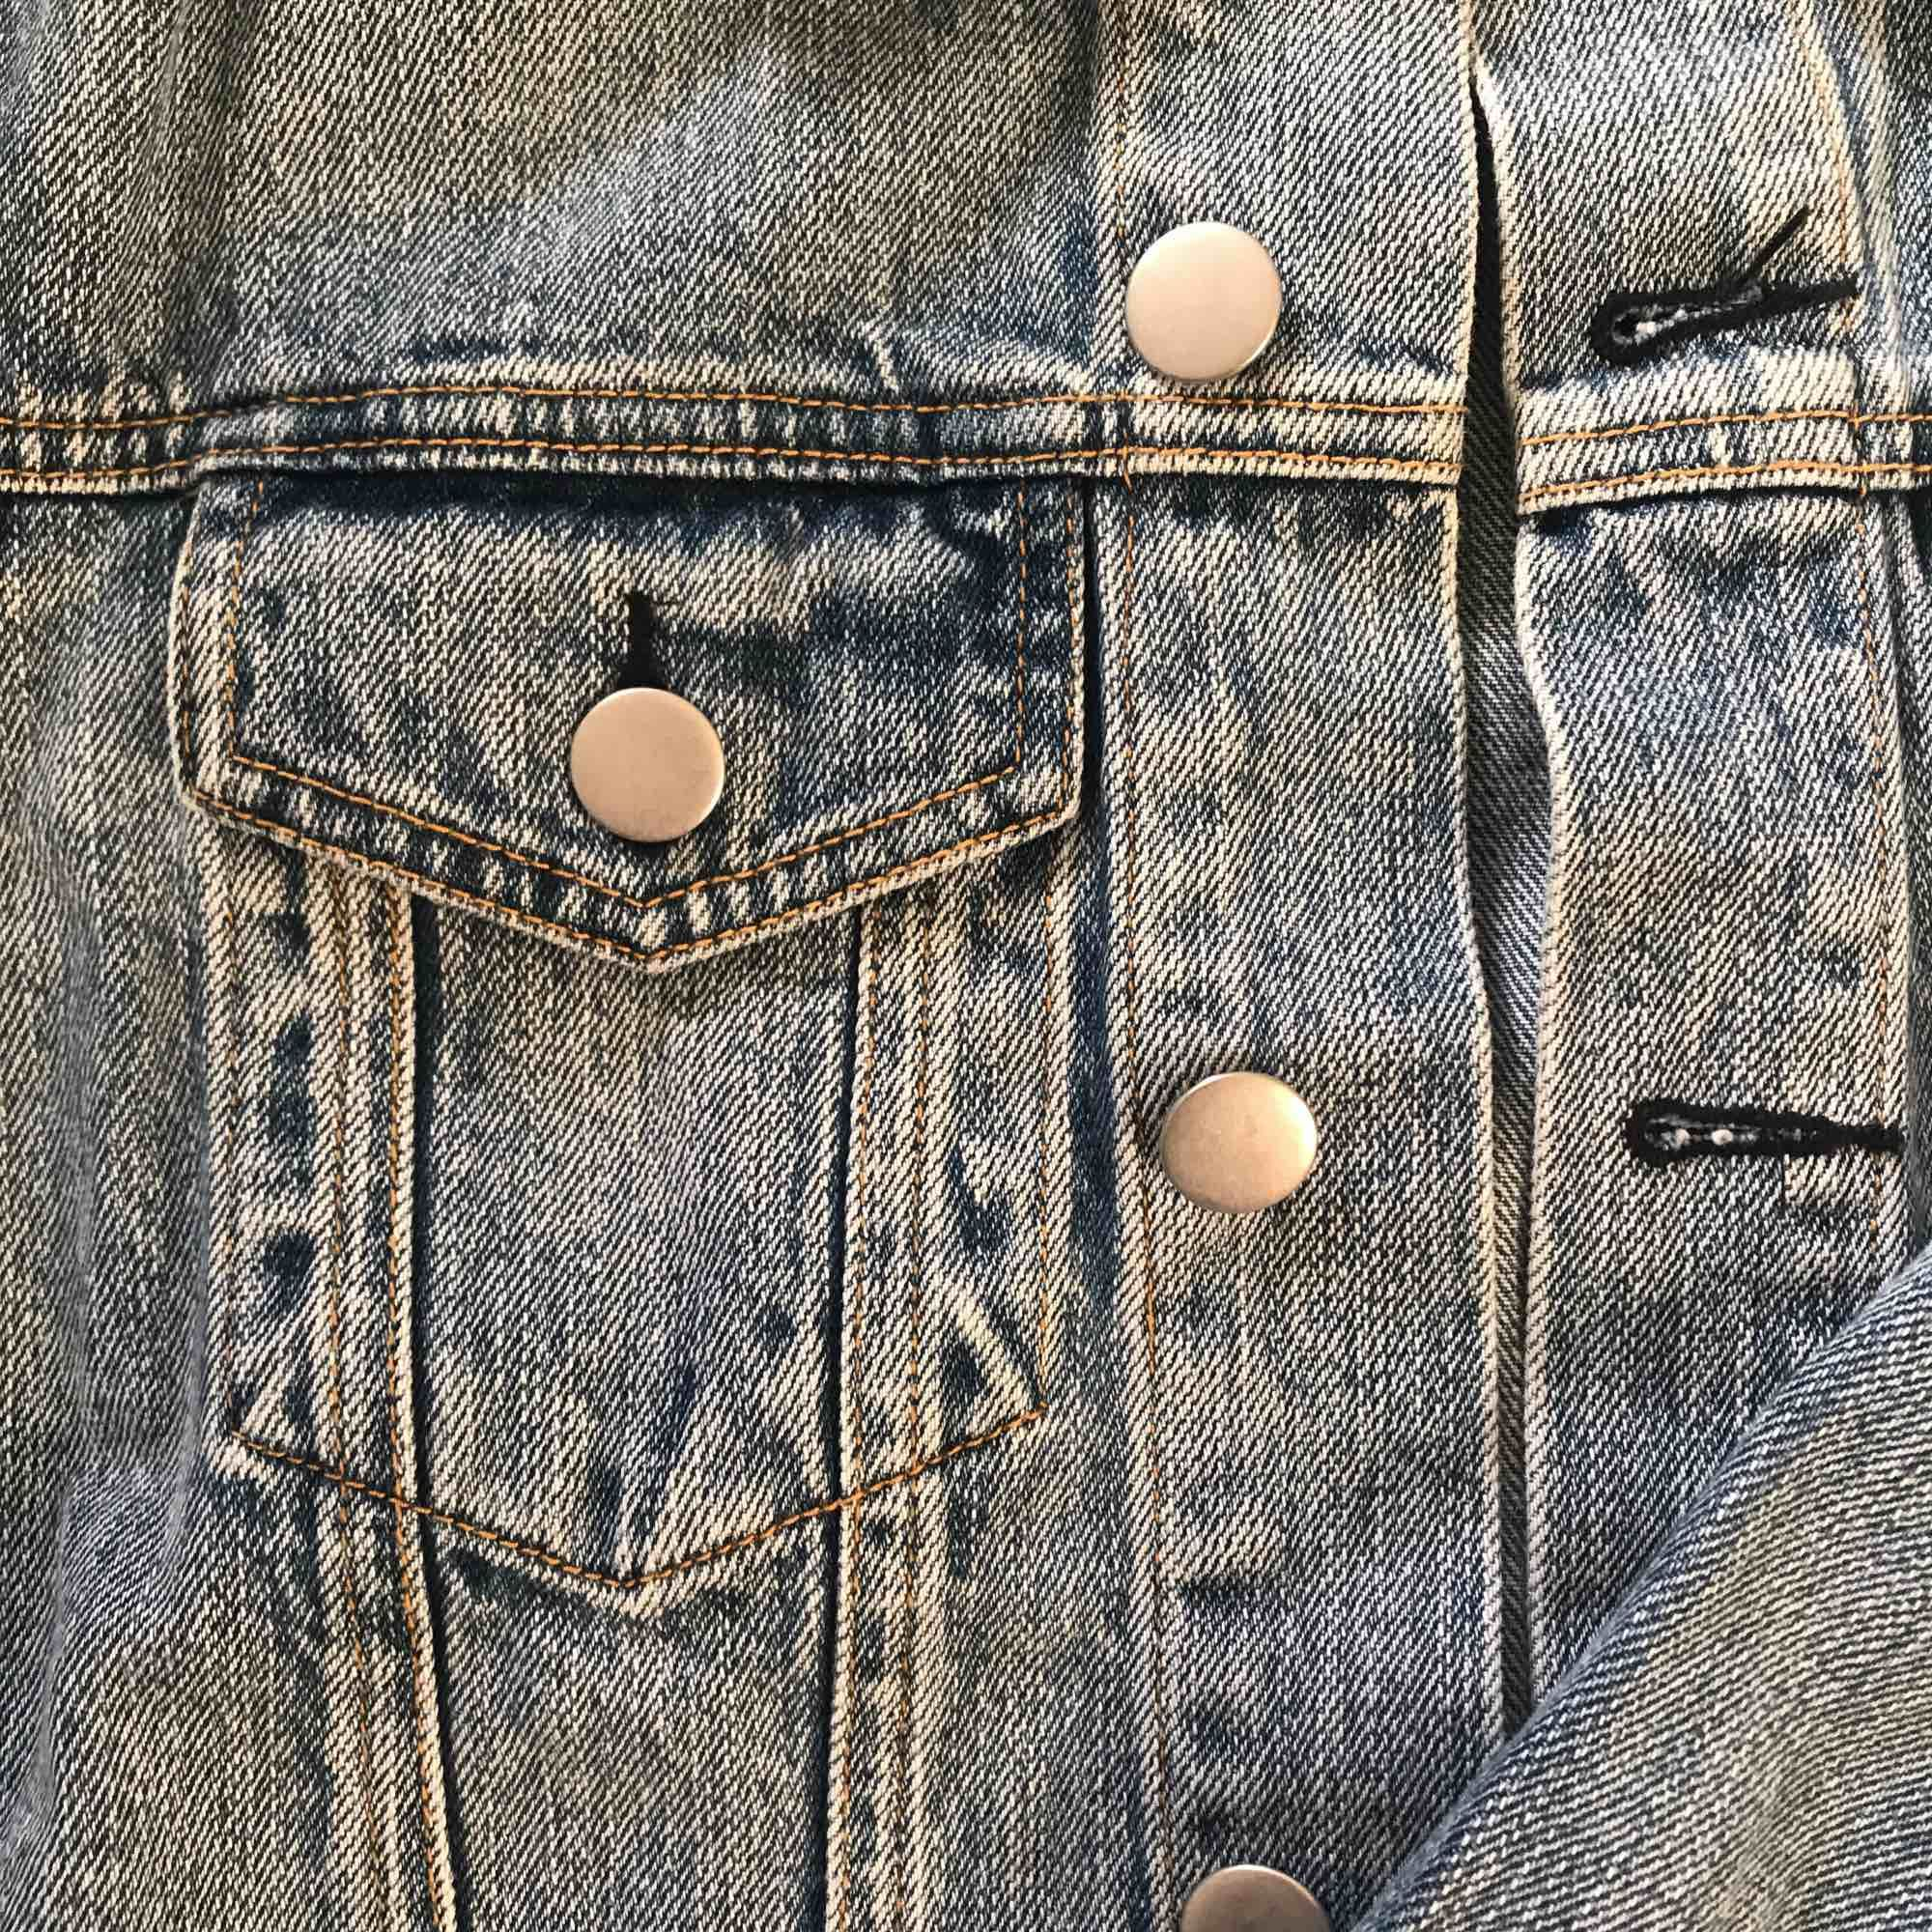 Jeansjacka från Bikbok, storlek XS men passar även S. Inköpt förra sommaren för 500:- och använd max 5ggr så den är i helt perfekt skick! . Jackor.